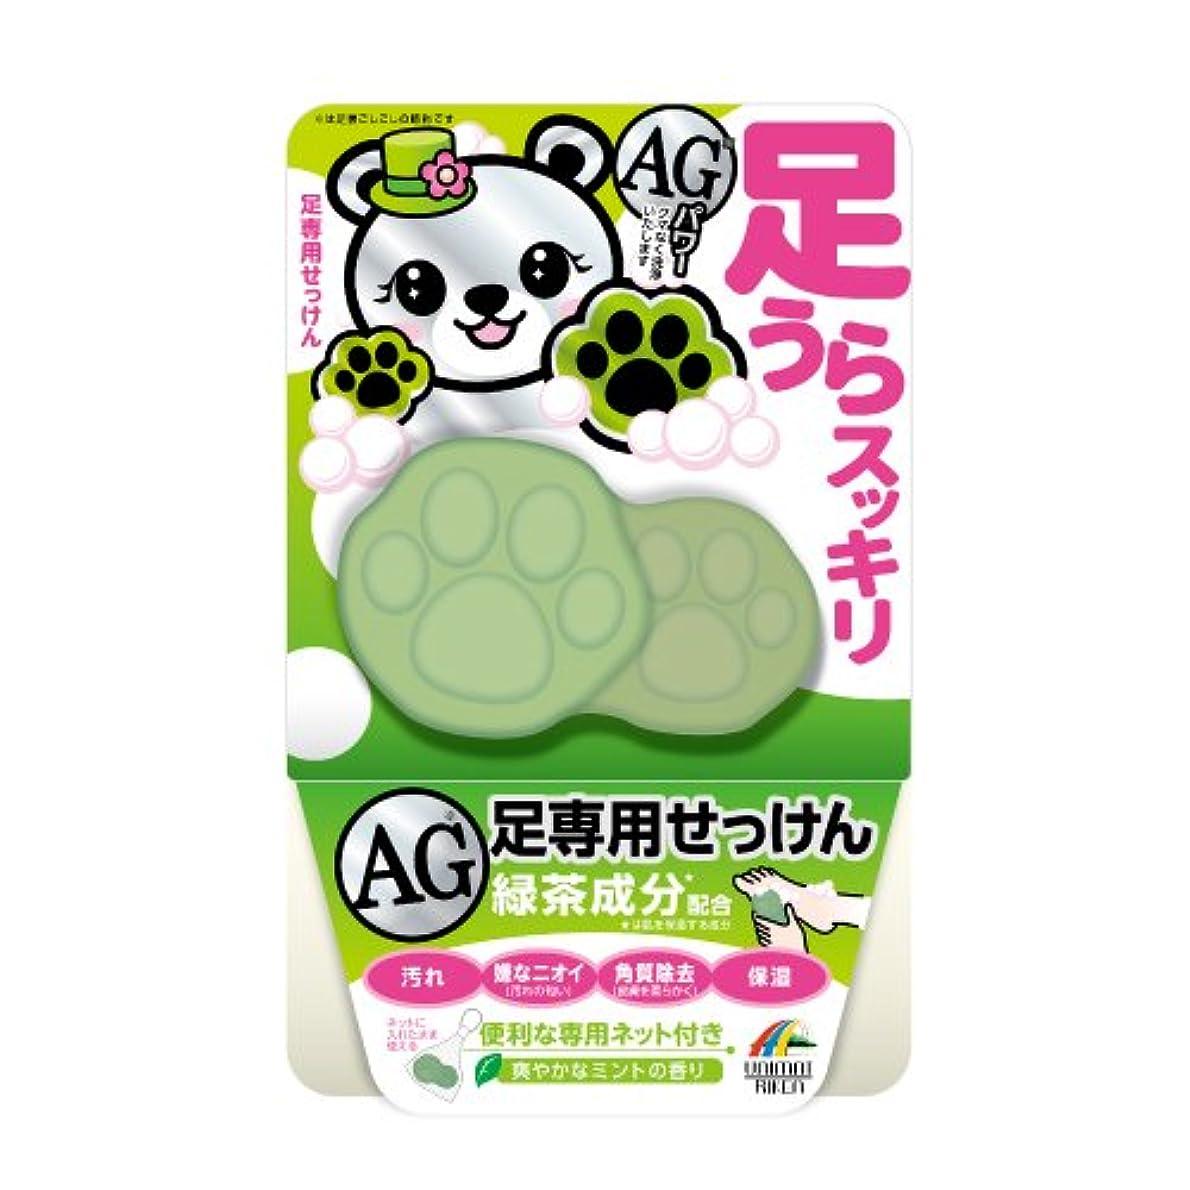 入場月パースユニマットリケン 足裏スッキリAG石鹸(緑茶成分配合) 70g